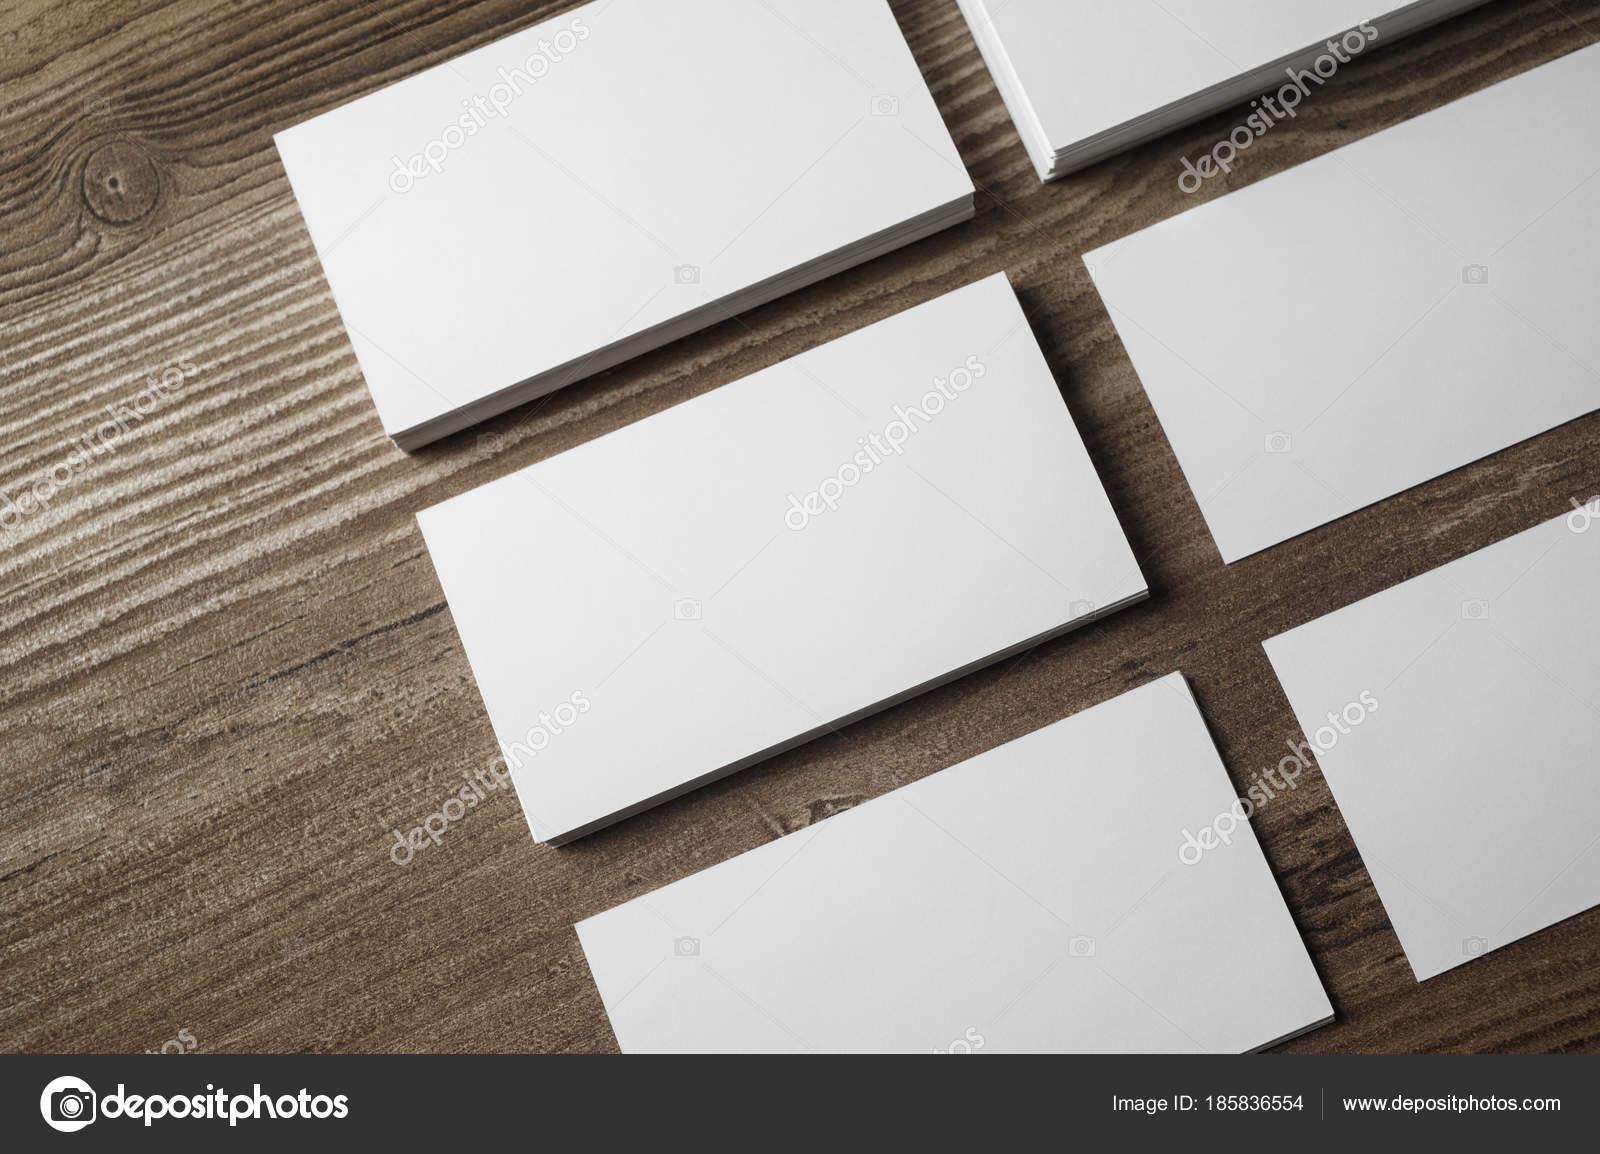 Visitenkarten Auf Holz Stockfoto Veresovich 185836554